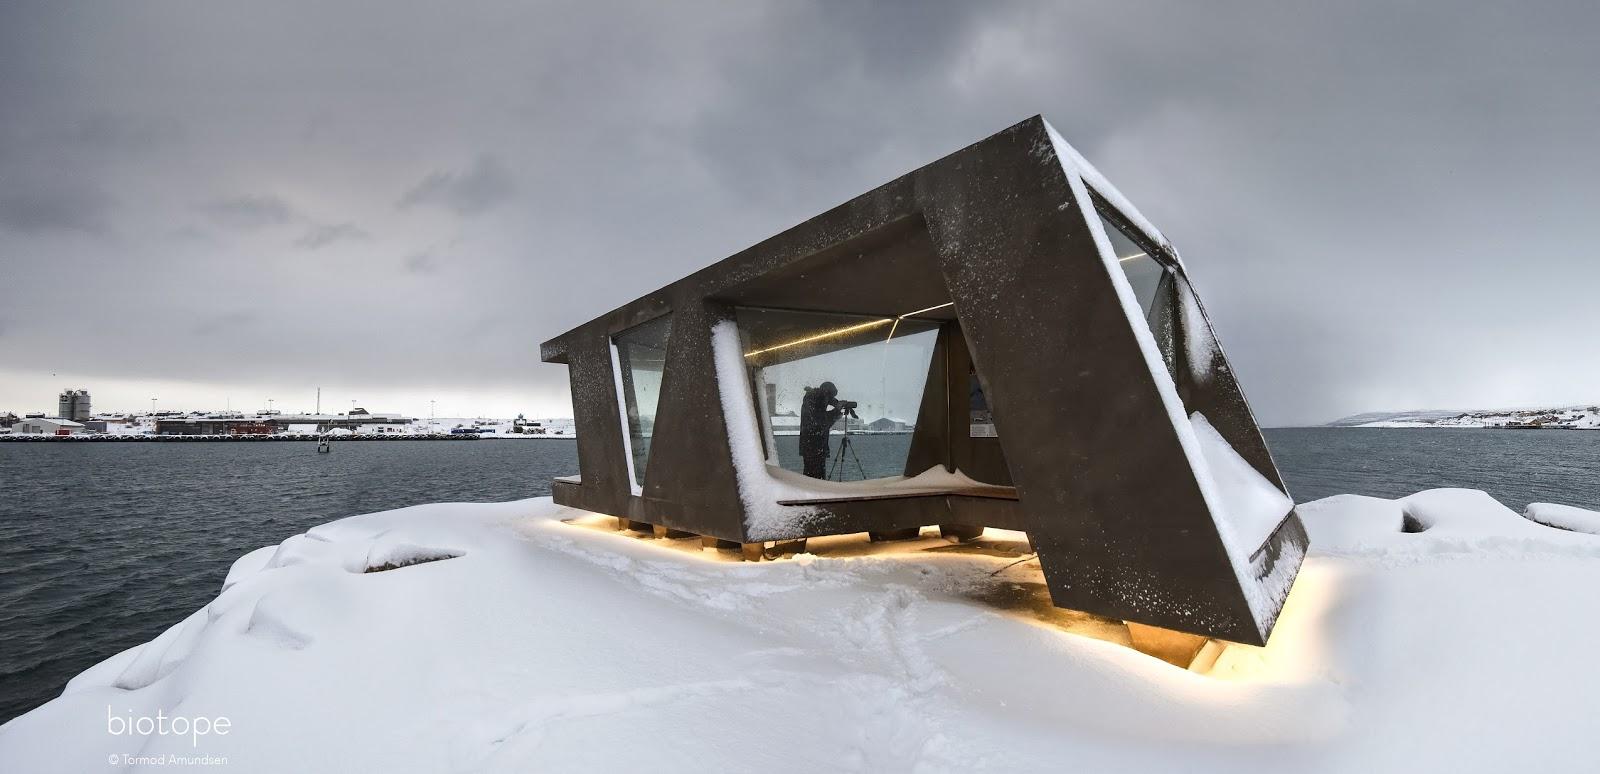 Biotope architecture Wind architecture